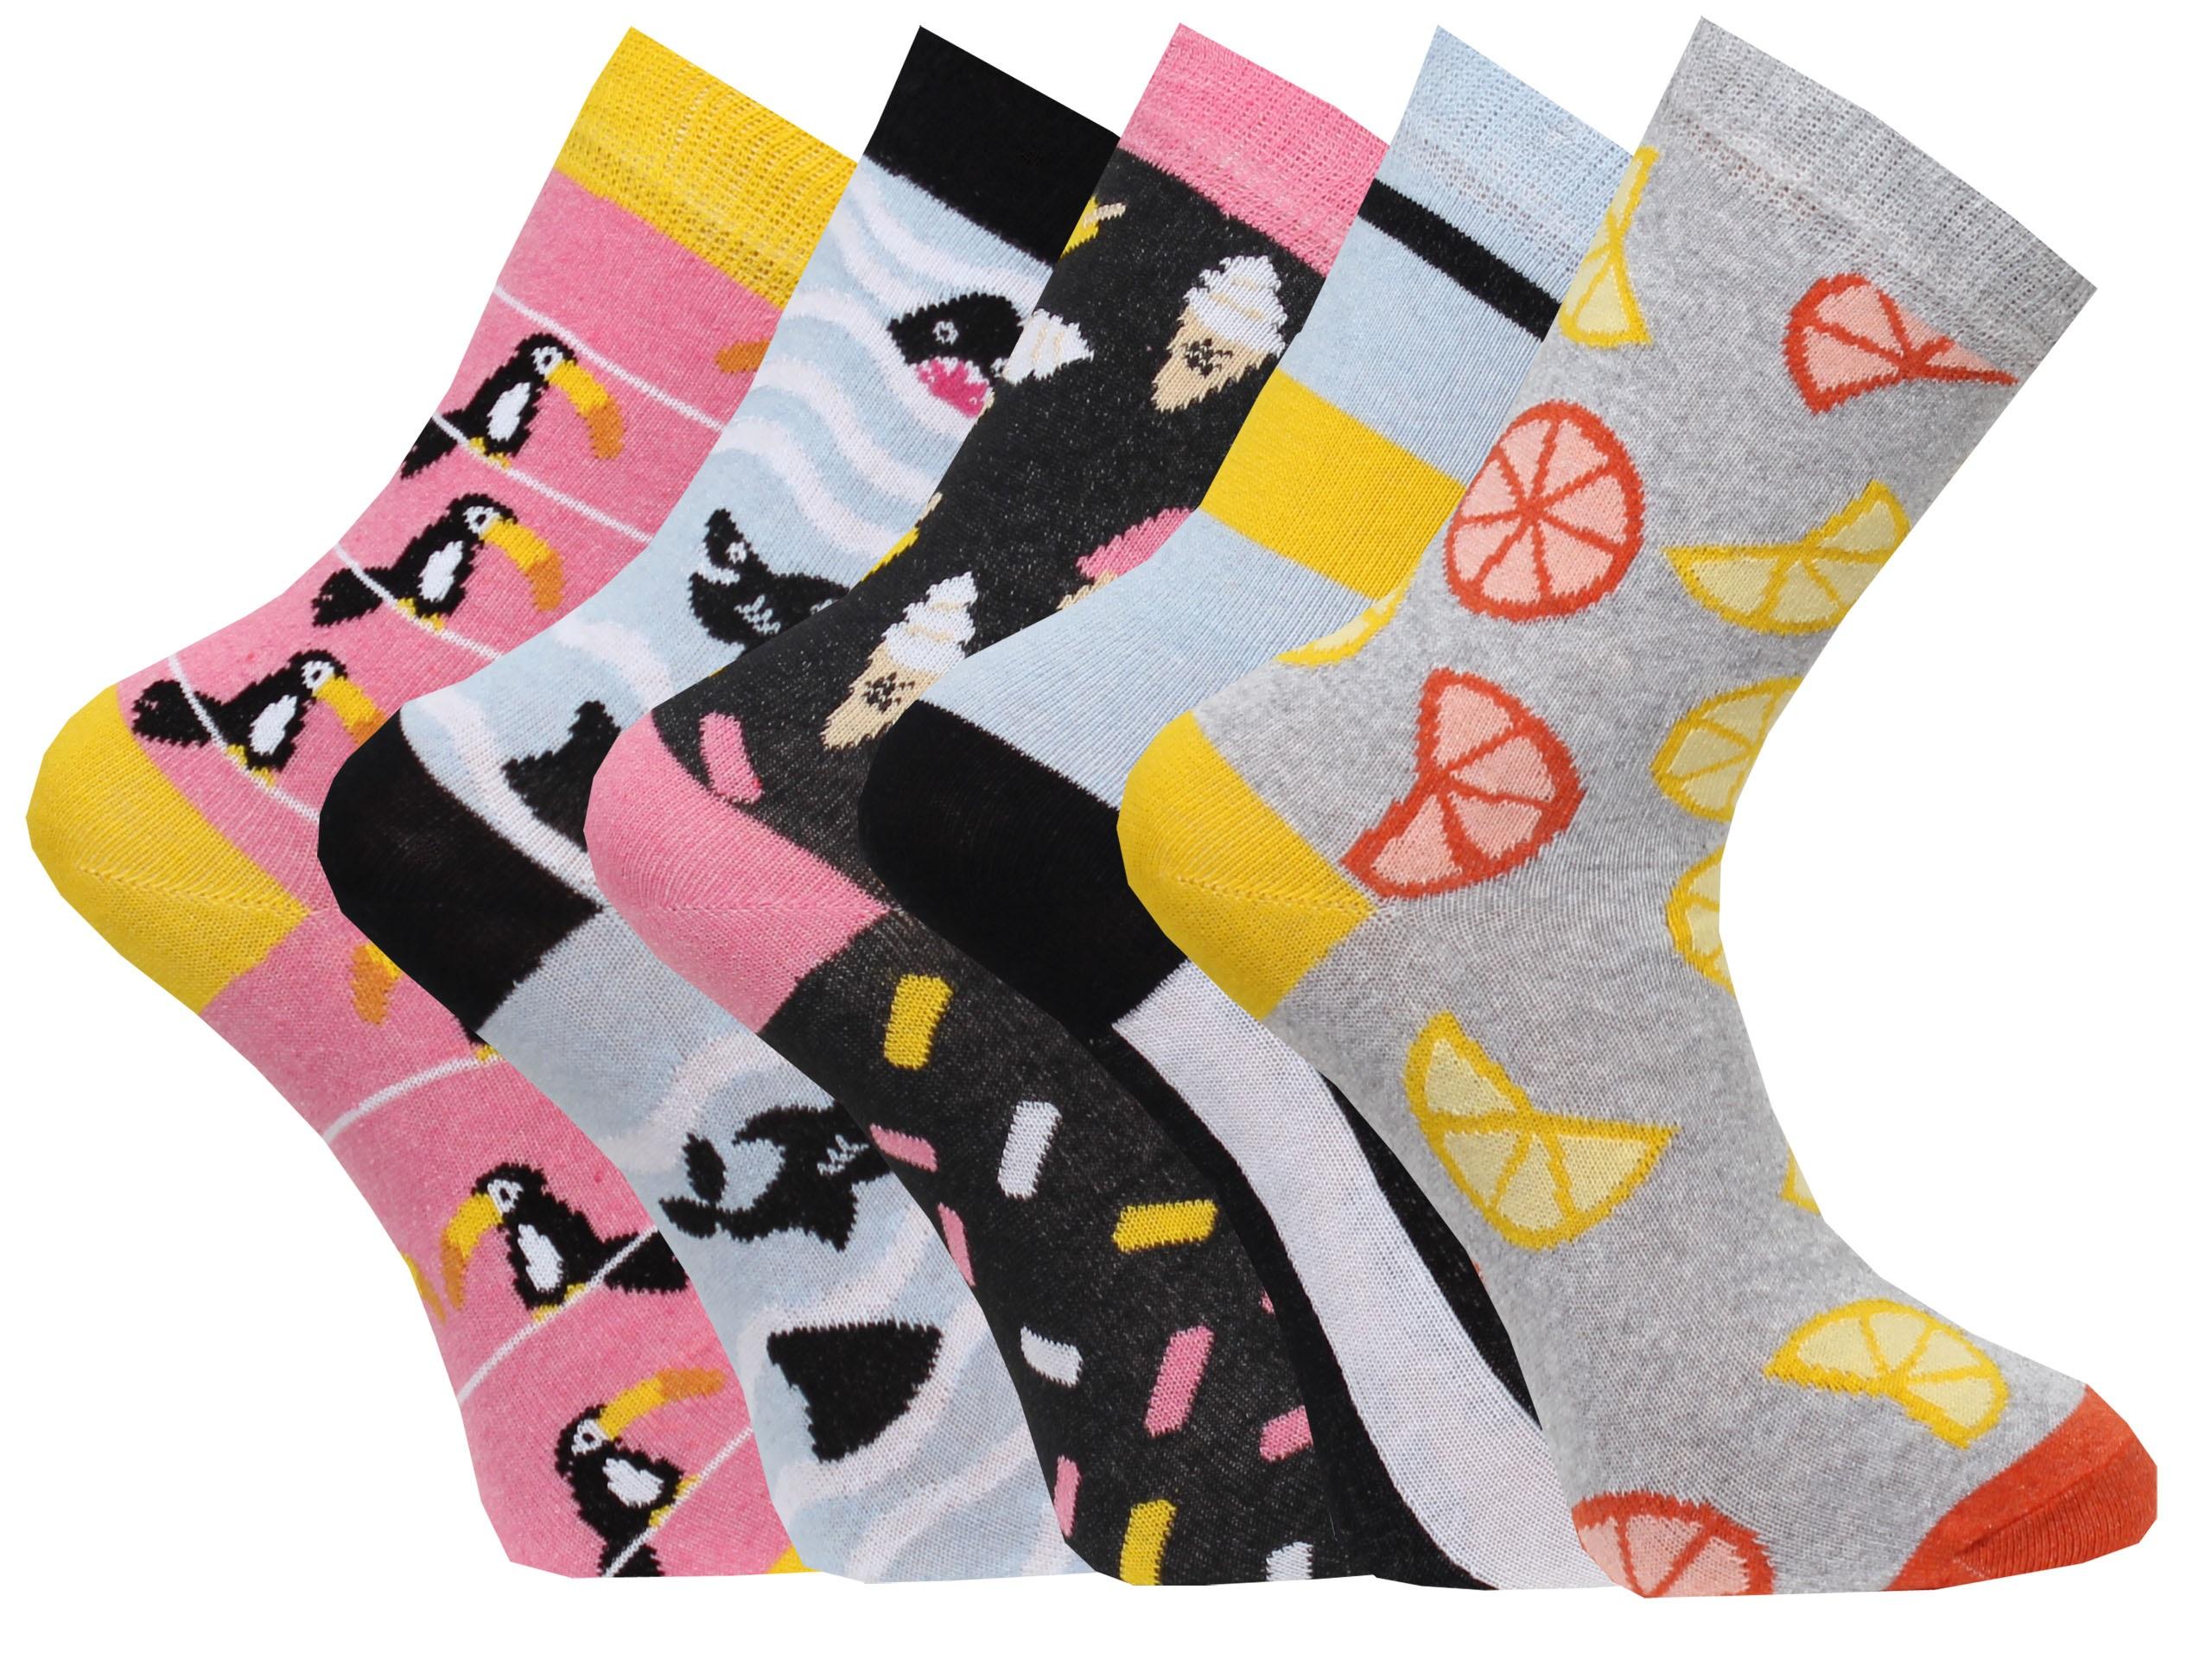 5-pack sokken van het Zweedse merk Capital in super hippe, happy kleuren, gemaakt van 80% katoen. 15% polyamide, 5% elastic.